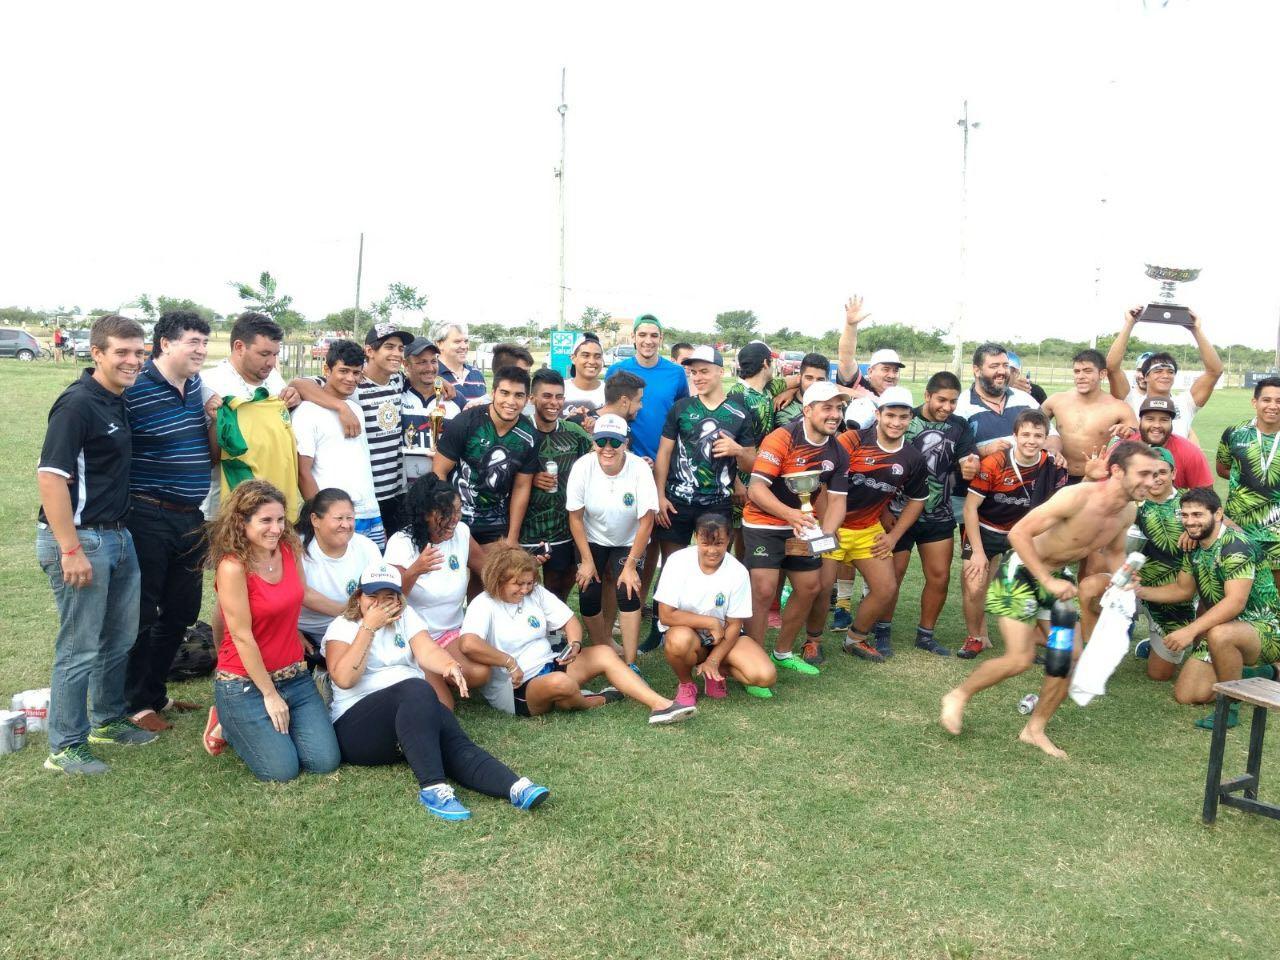 Con el Seven del Carnaval en Corrientes, llego a su fin el Circuito de Rugby